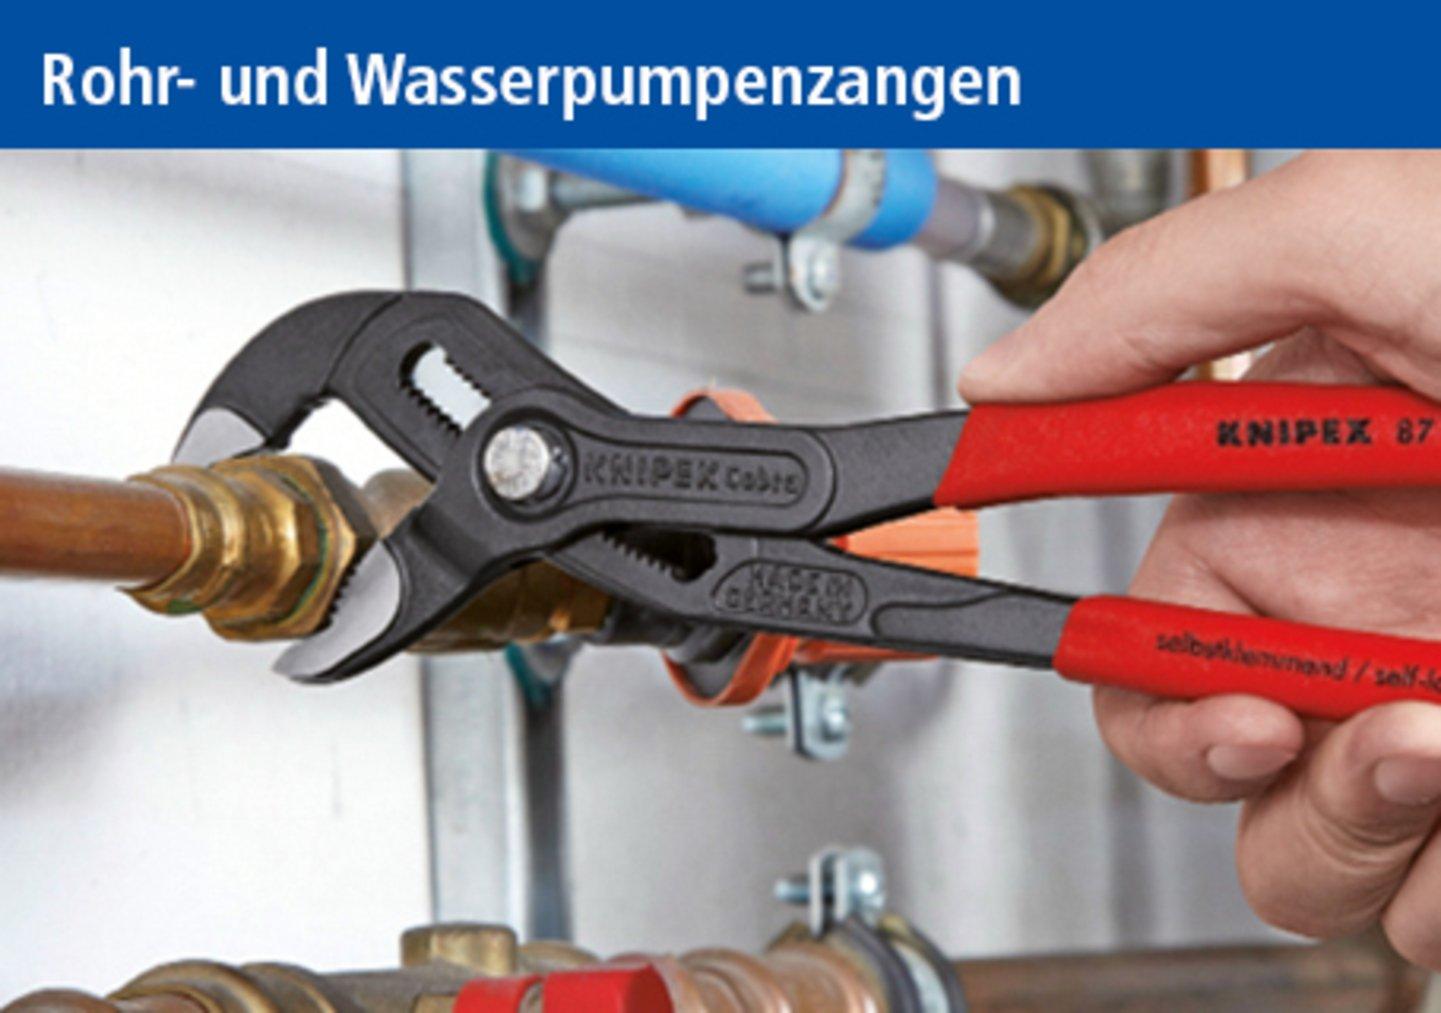 Rohr- und Wasserpumpenzangen